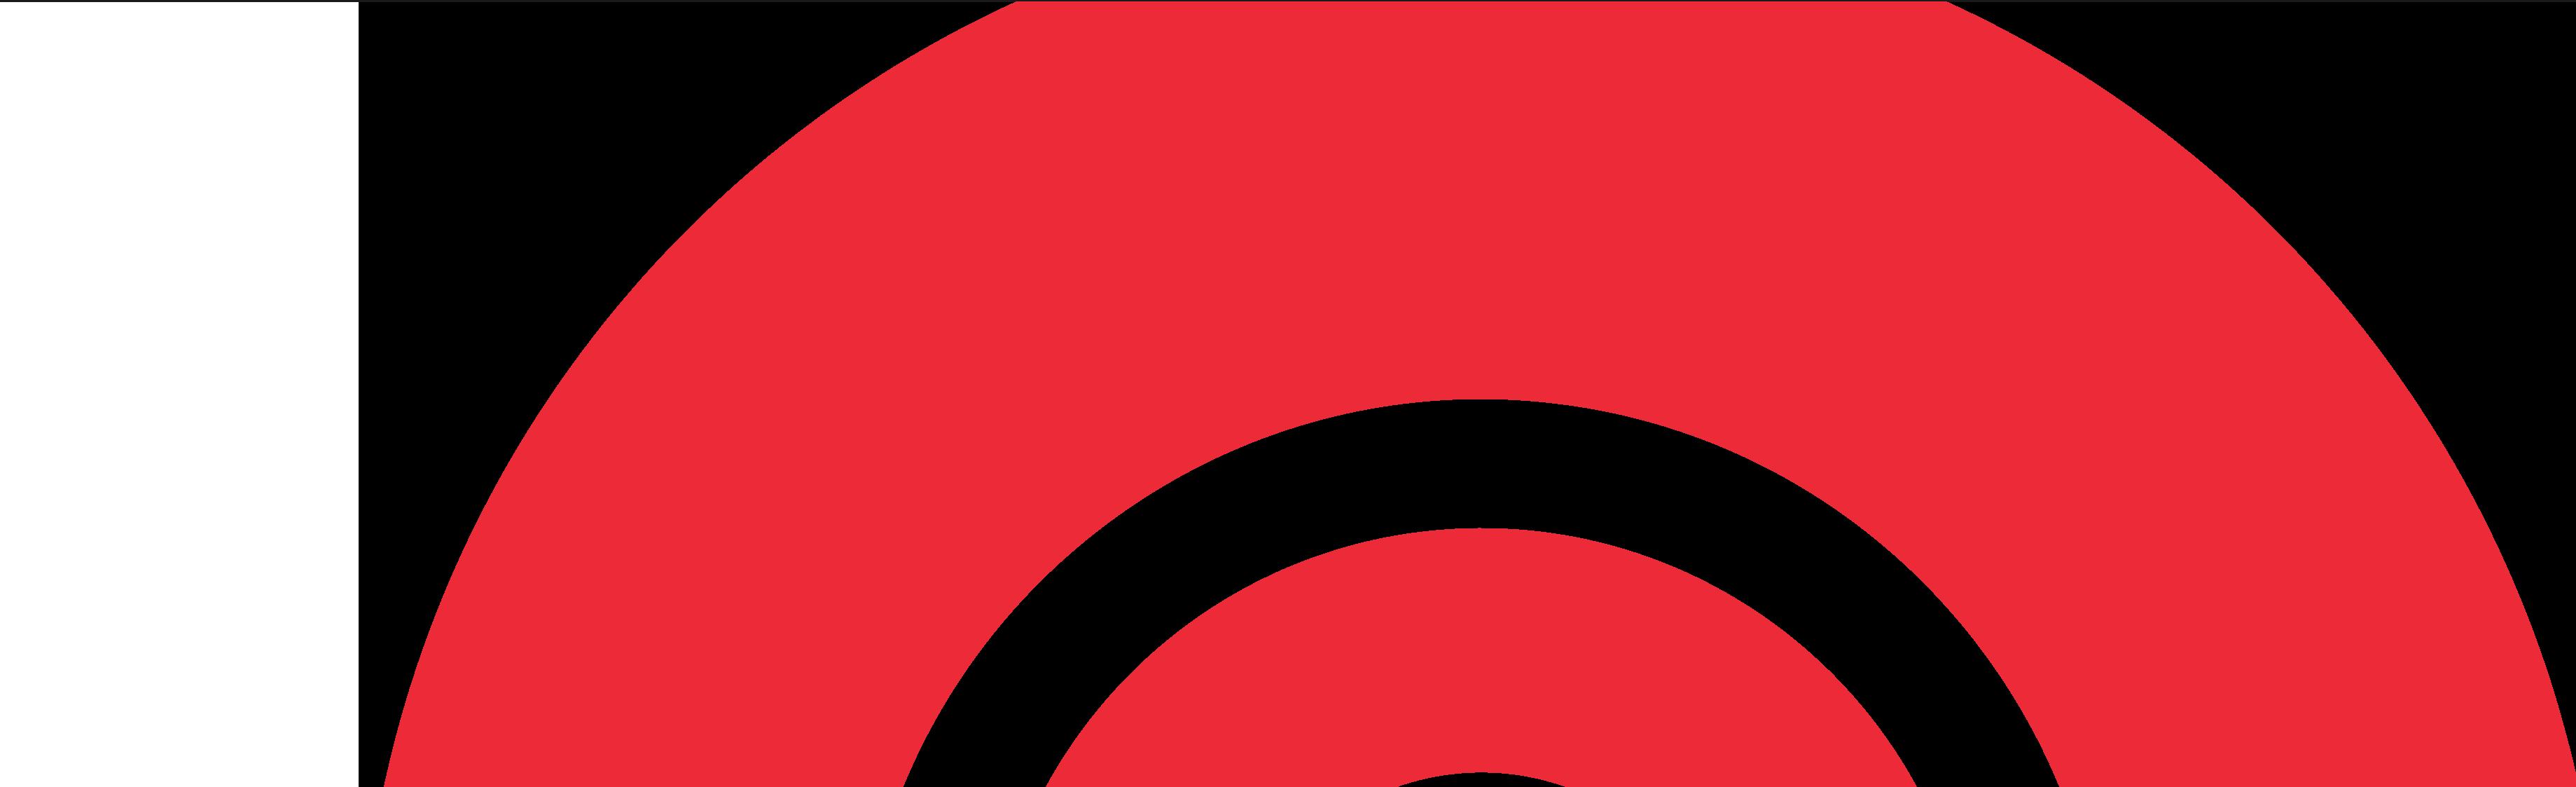 gaming_logo2